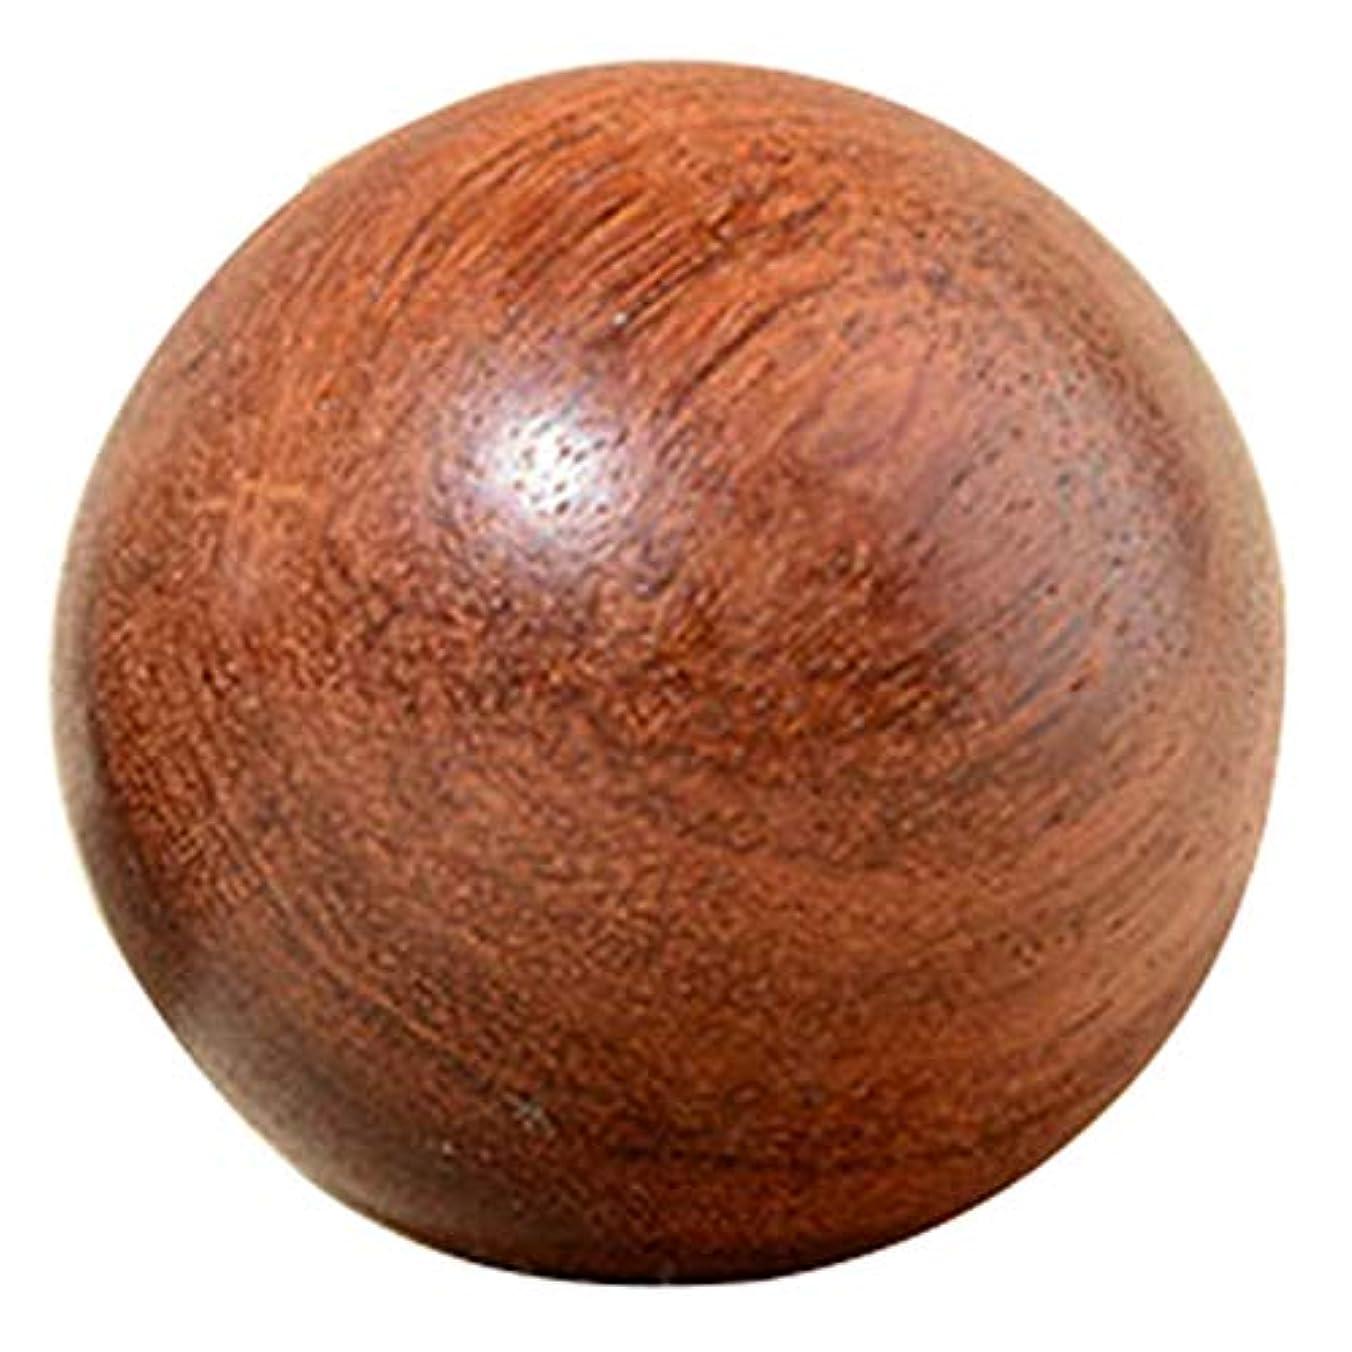 電話するサンドイッチキャンディーACAMPTAR 5Cm 木製圧力Baodingボール、健康運動用ハンドボール、指のマッサージ、中国健康瞑想リラクゼーション療法